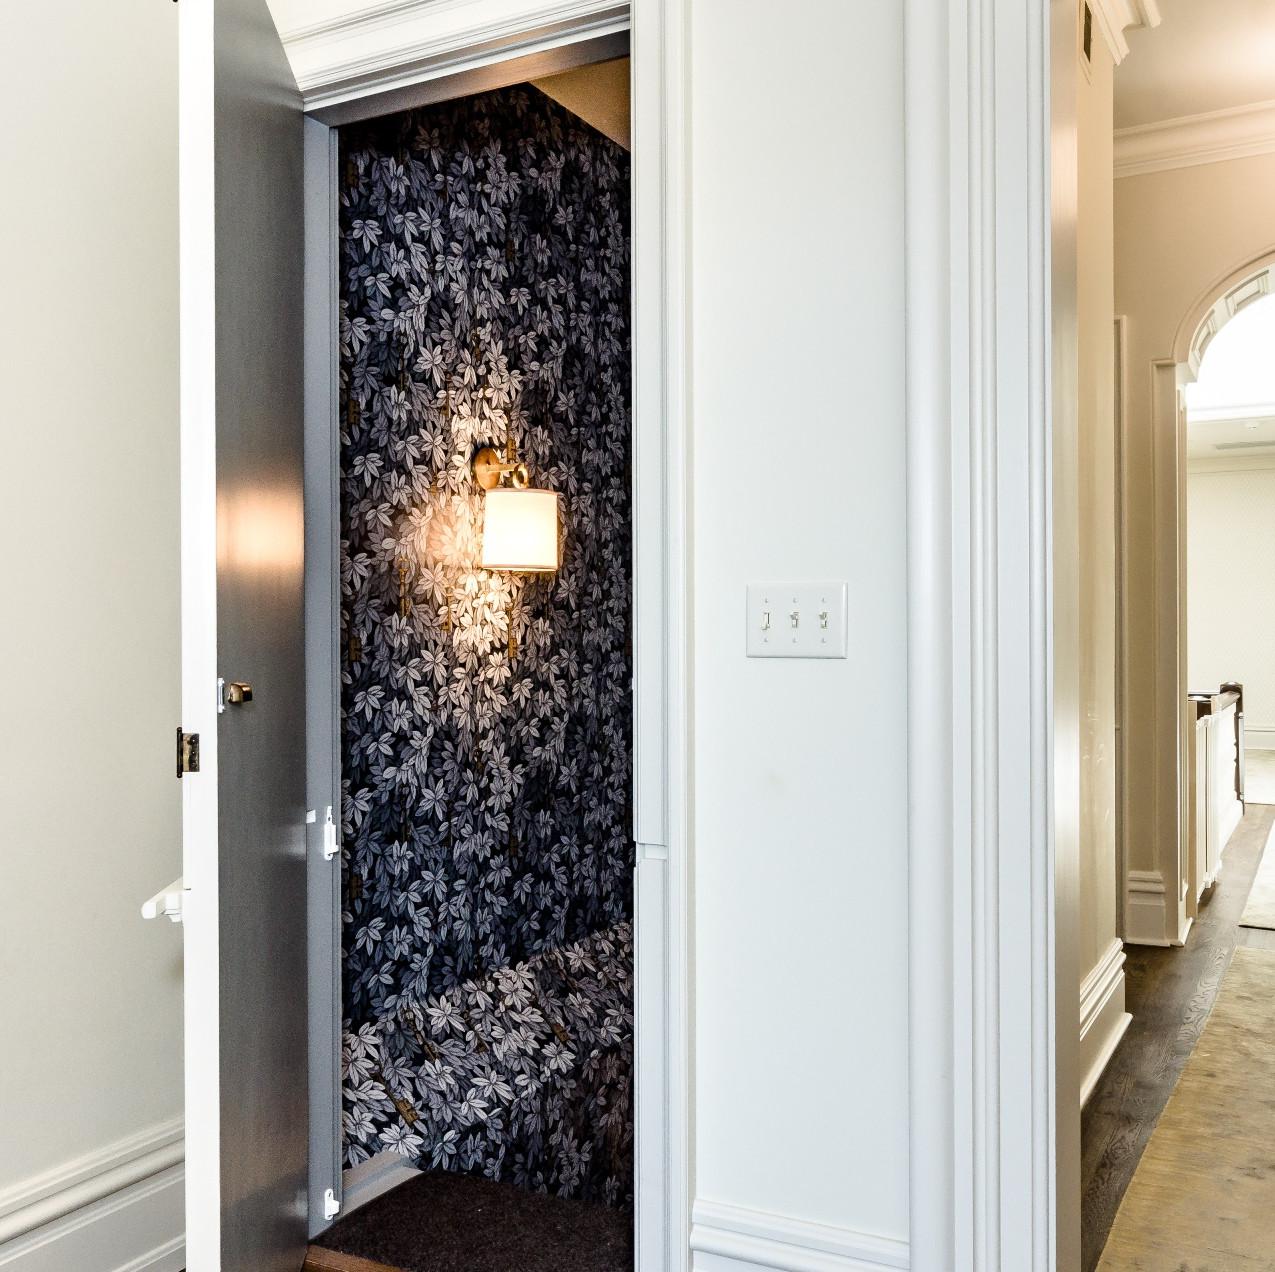 secret stairway upstairs door